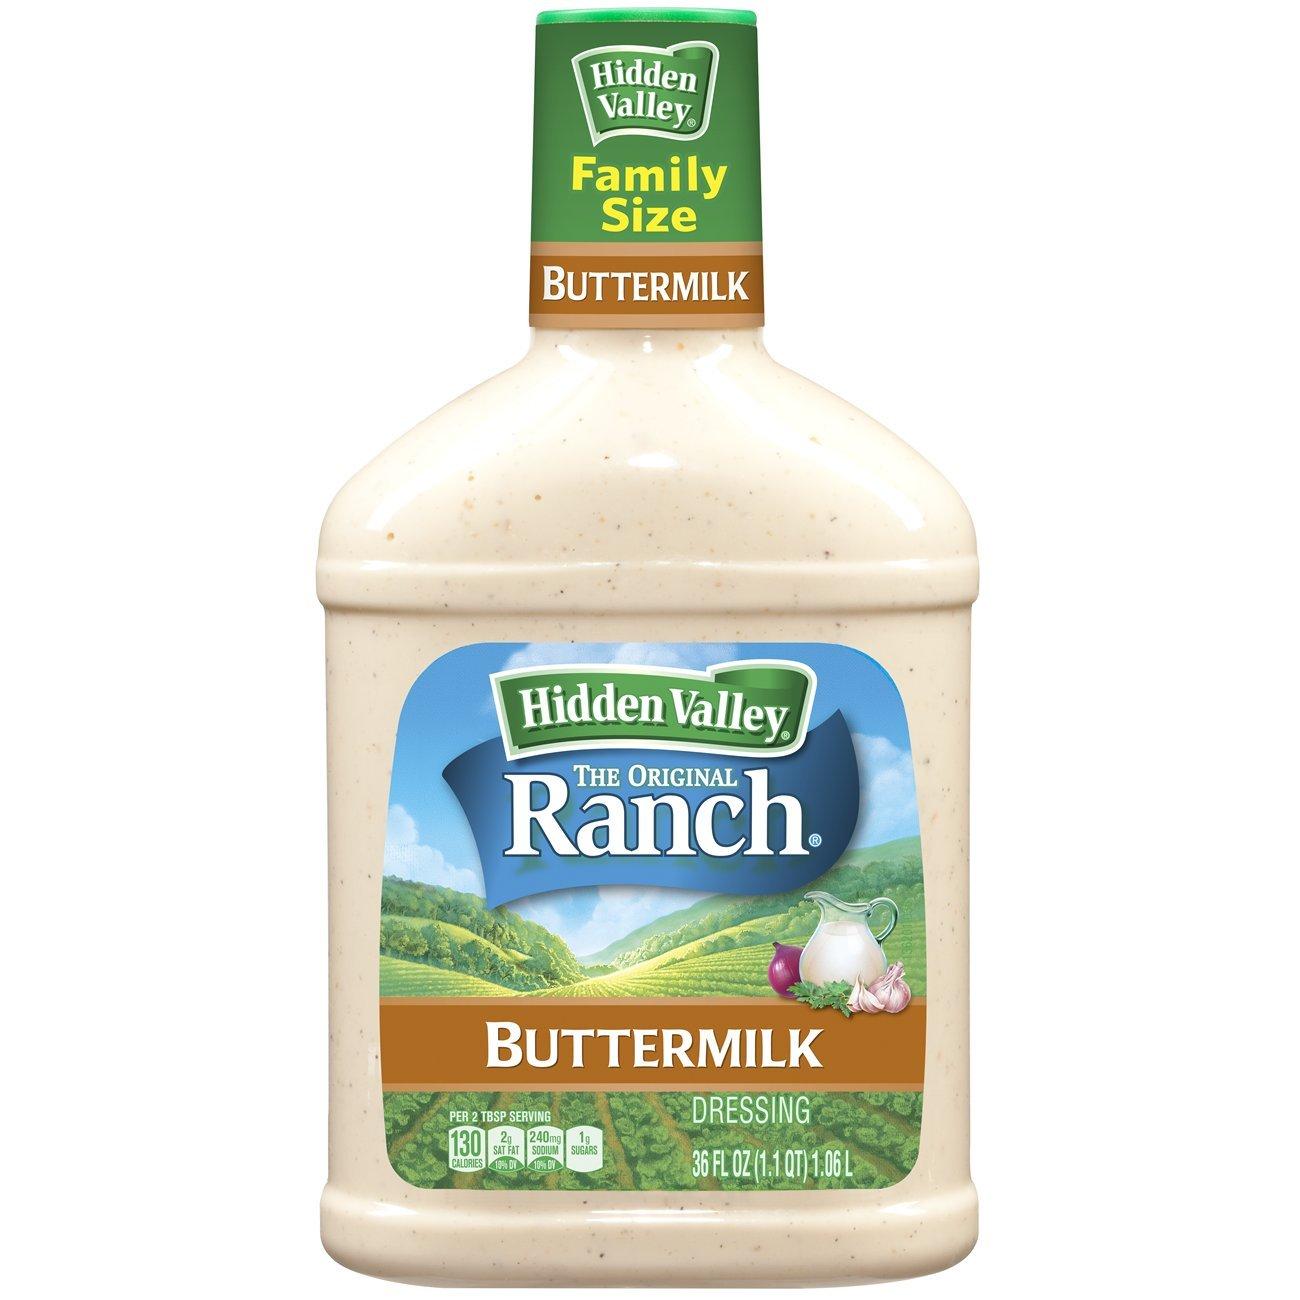 Hidden Valley Buttermilk Ranch Salad Dressing & Topping, Gluten Free - 36 Ounce Bottle - 6 Pack by Hidden Valley